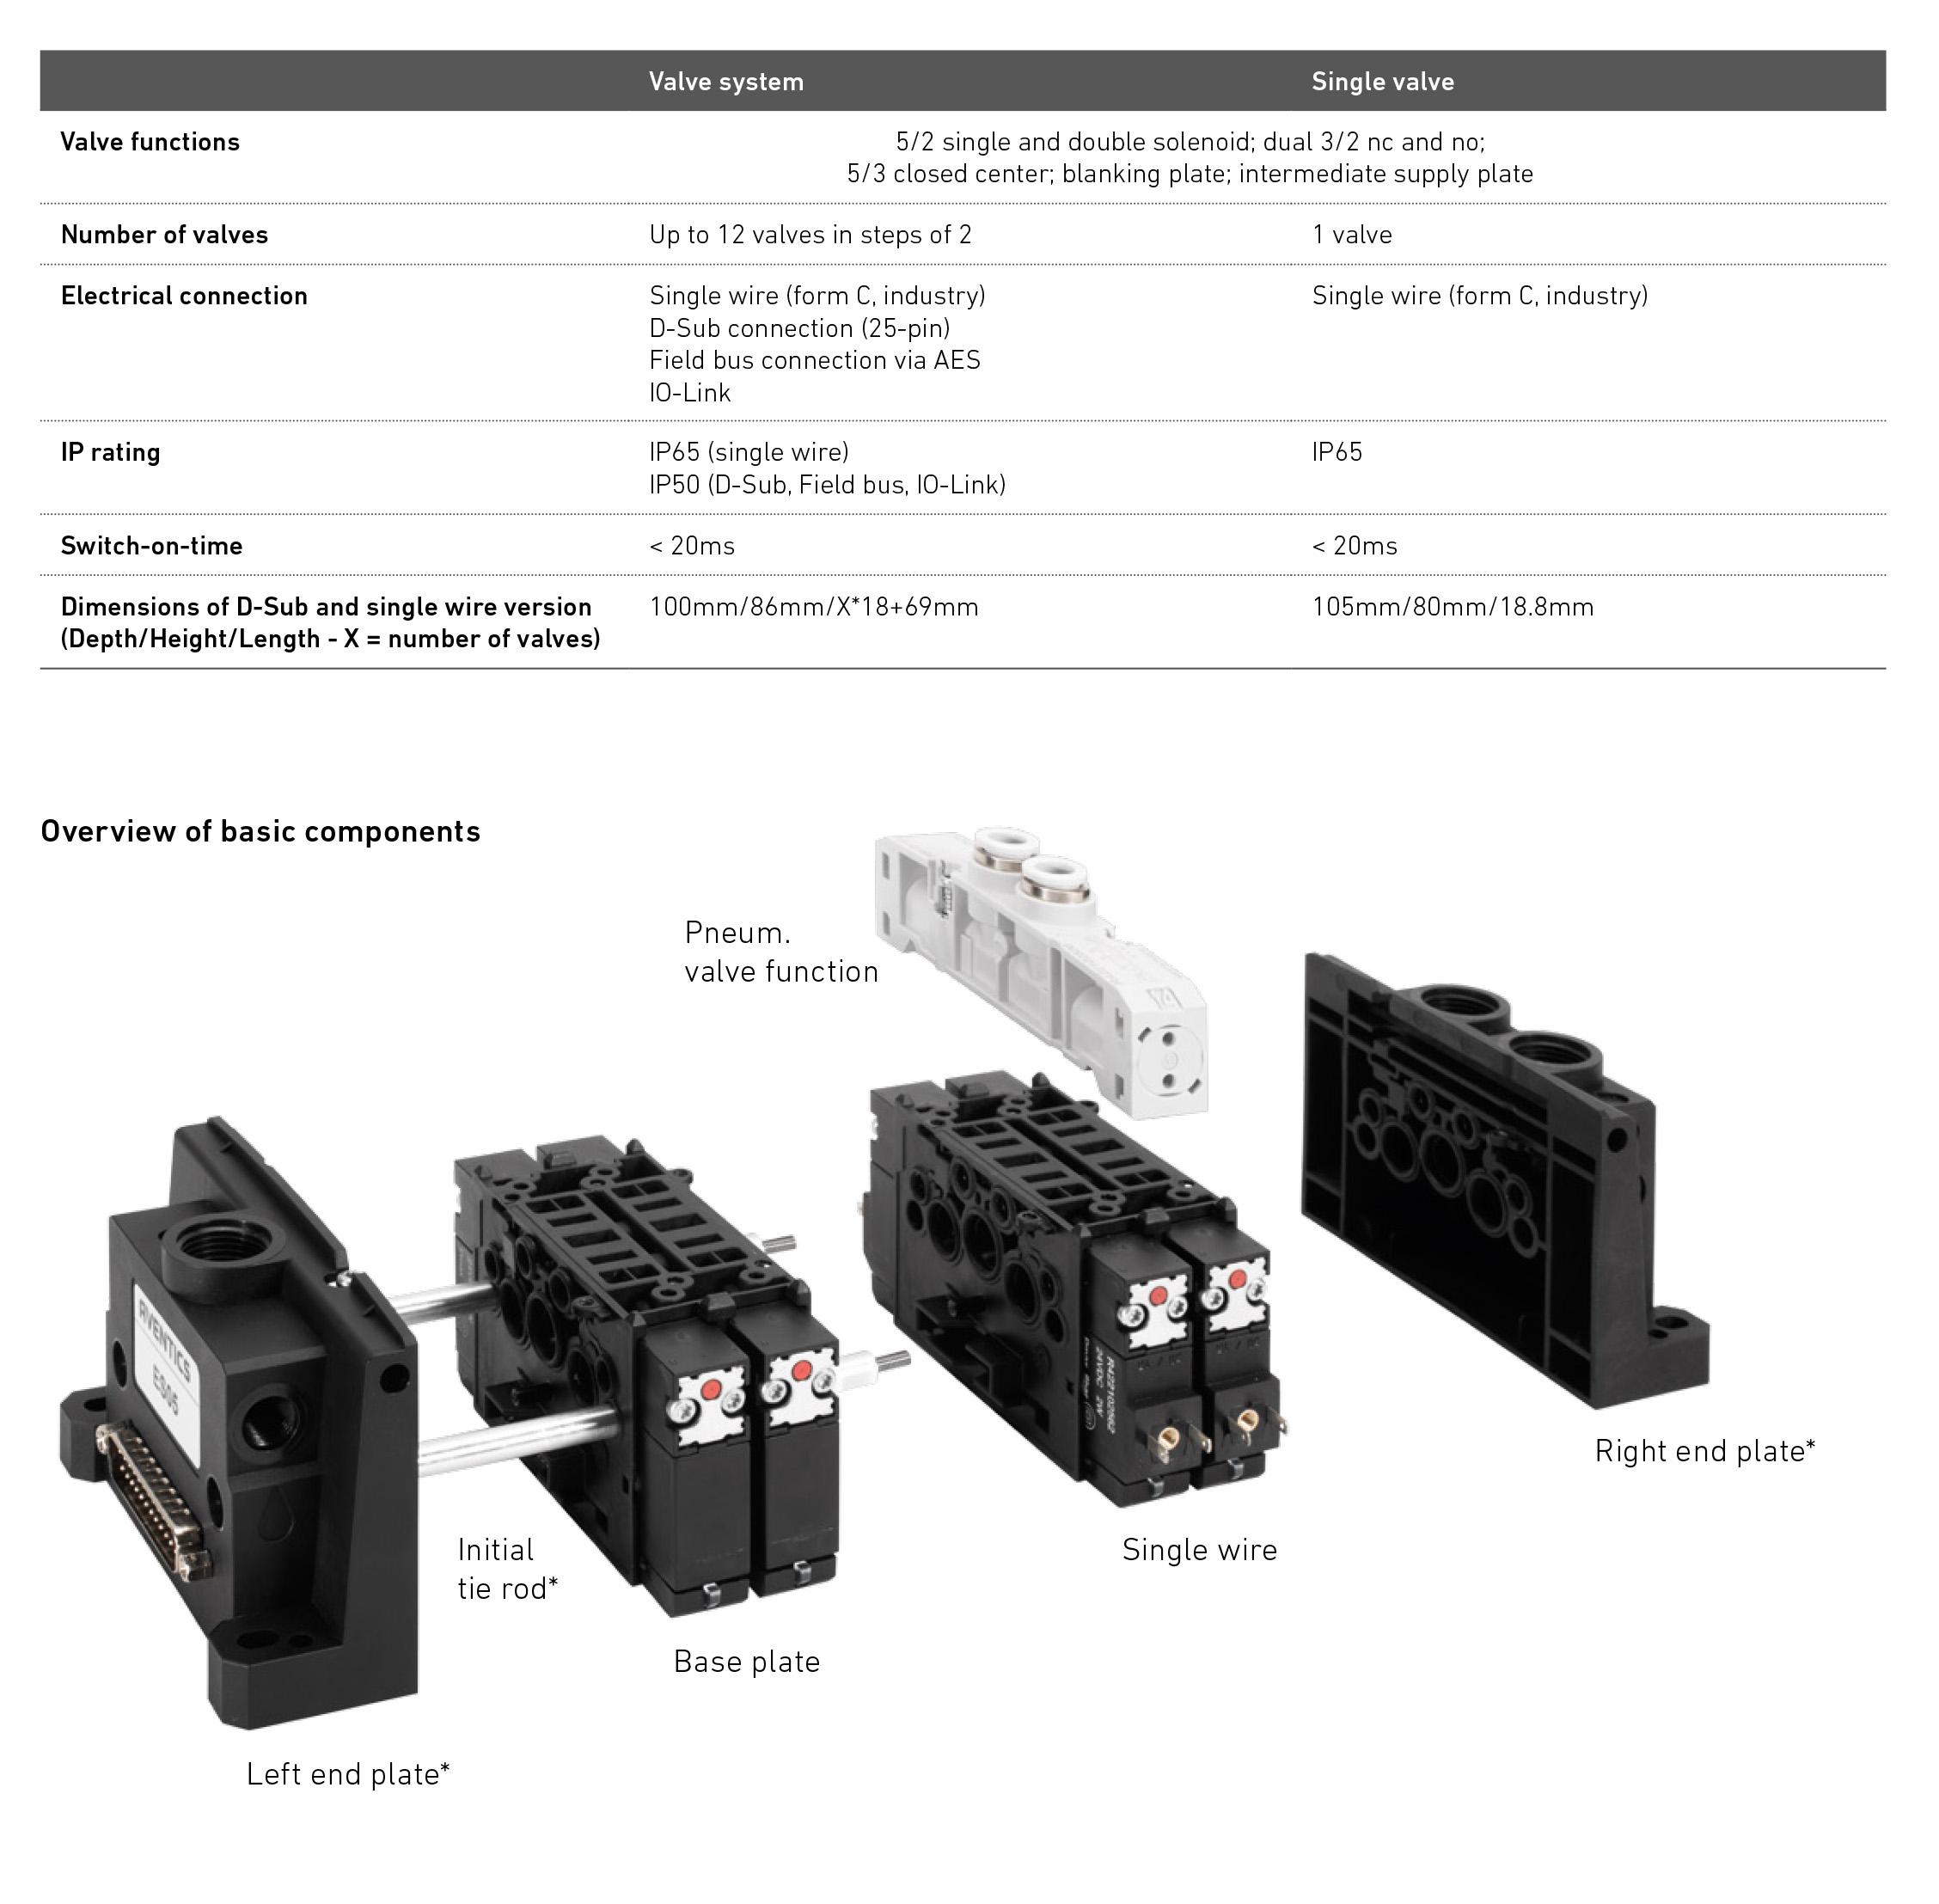 AVENTICS ES05 Specifications